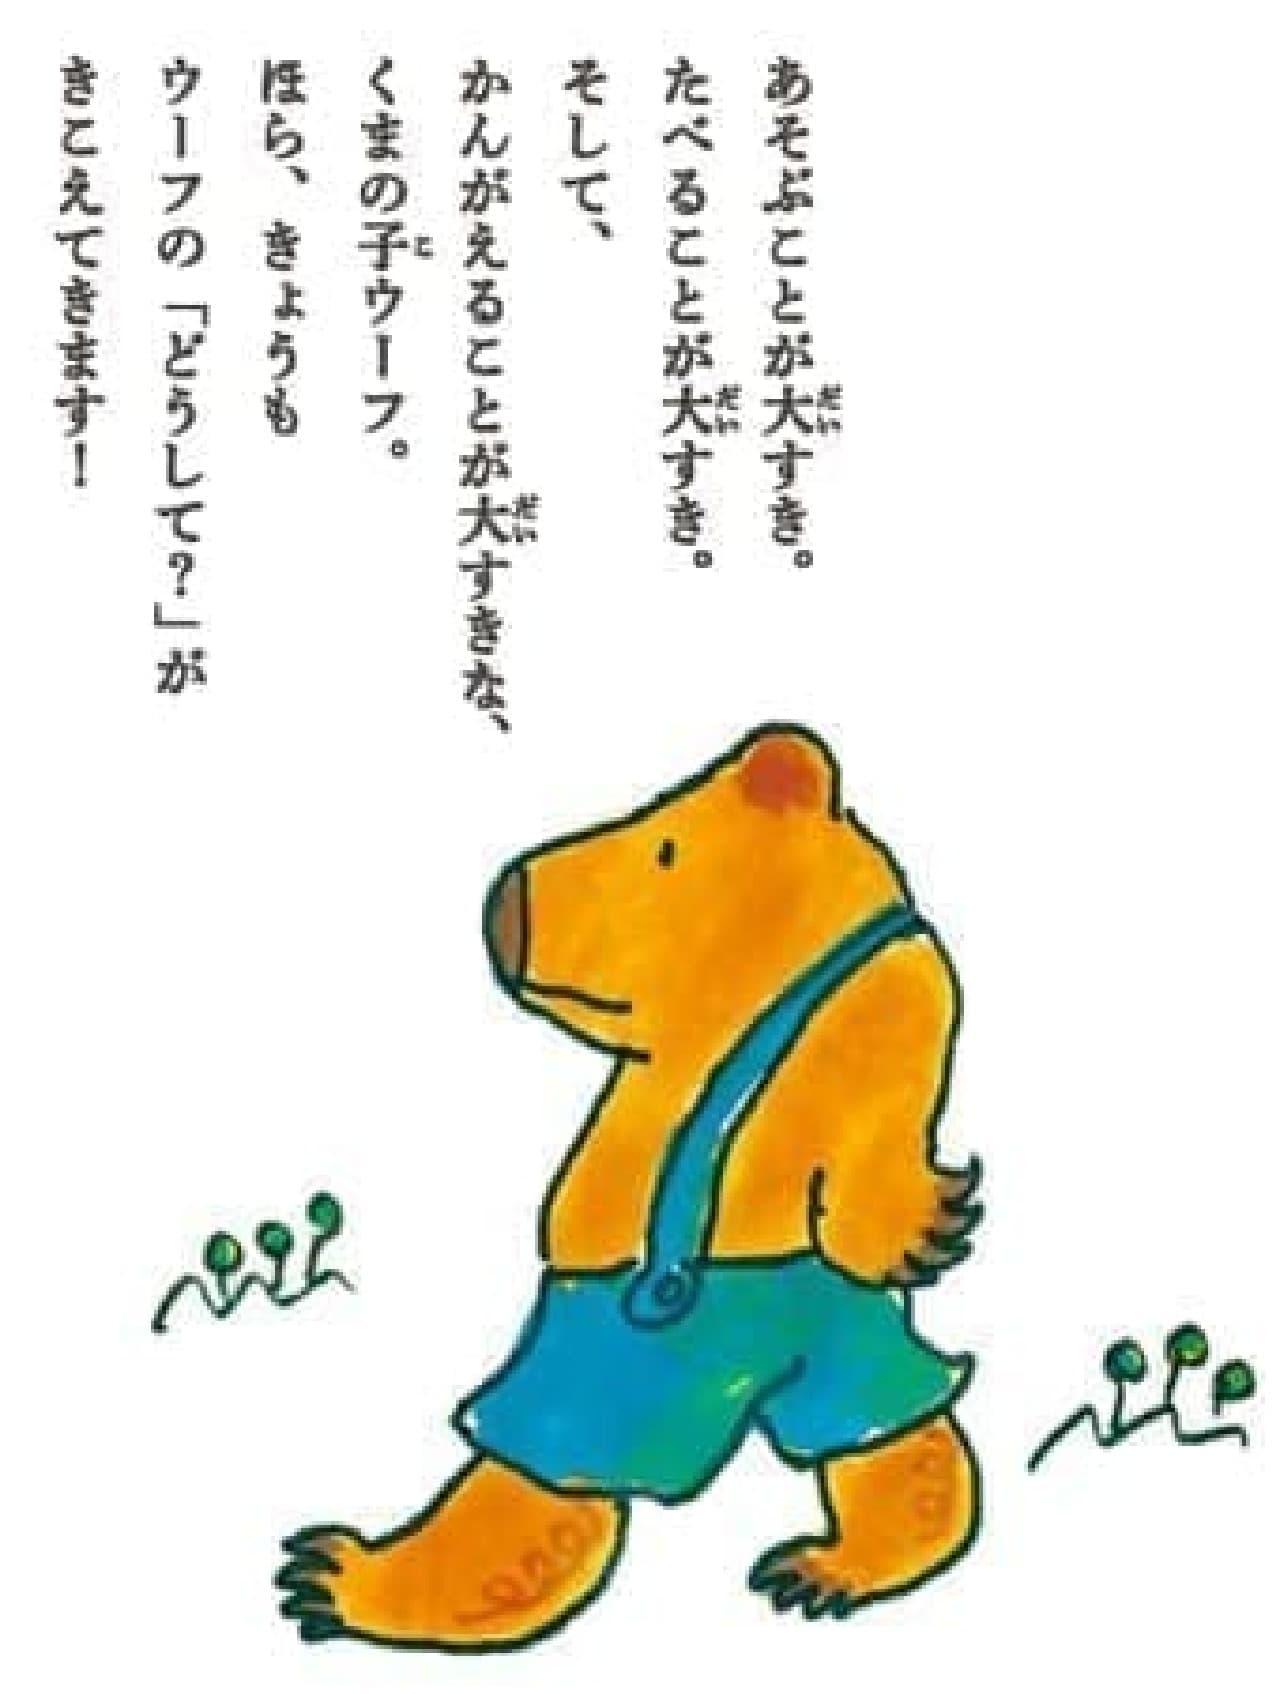 ほしい!「くまの子ウーフ×シュタイフ」のオリジナル・テディベア -- 「くまの子ウーフ」誕生50周年記念